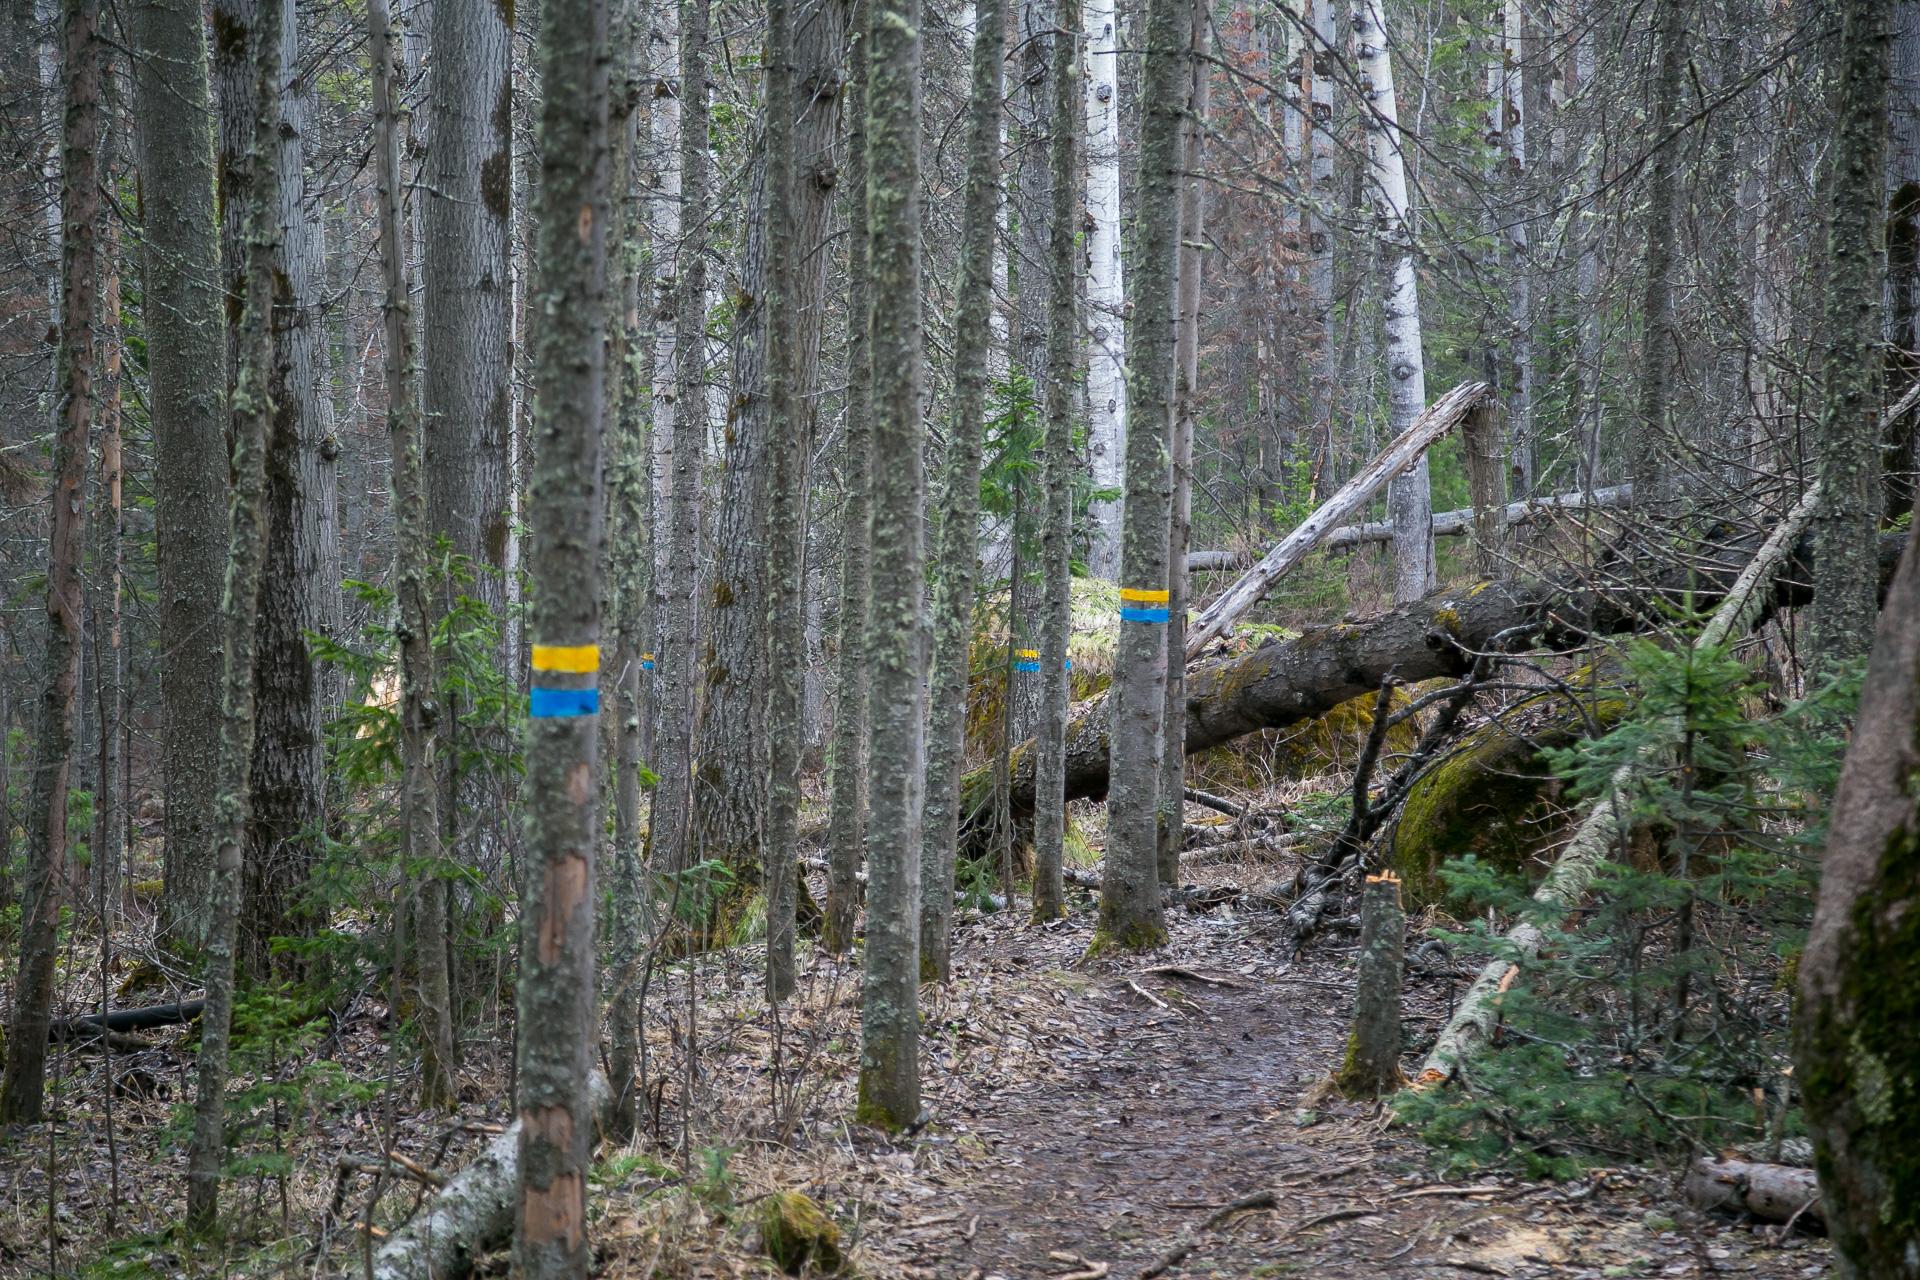 Основные маршруты на «Столбах» помечены метками, по ним можно выйти на основную дорогу. Но для этого стоит заранее поинтересоваться, что эти метки обозначают